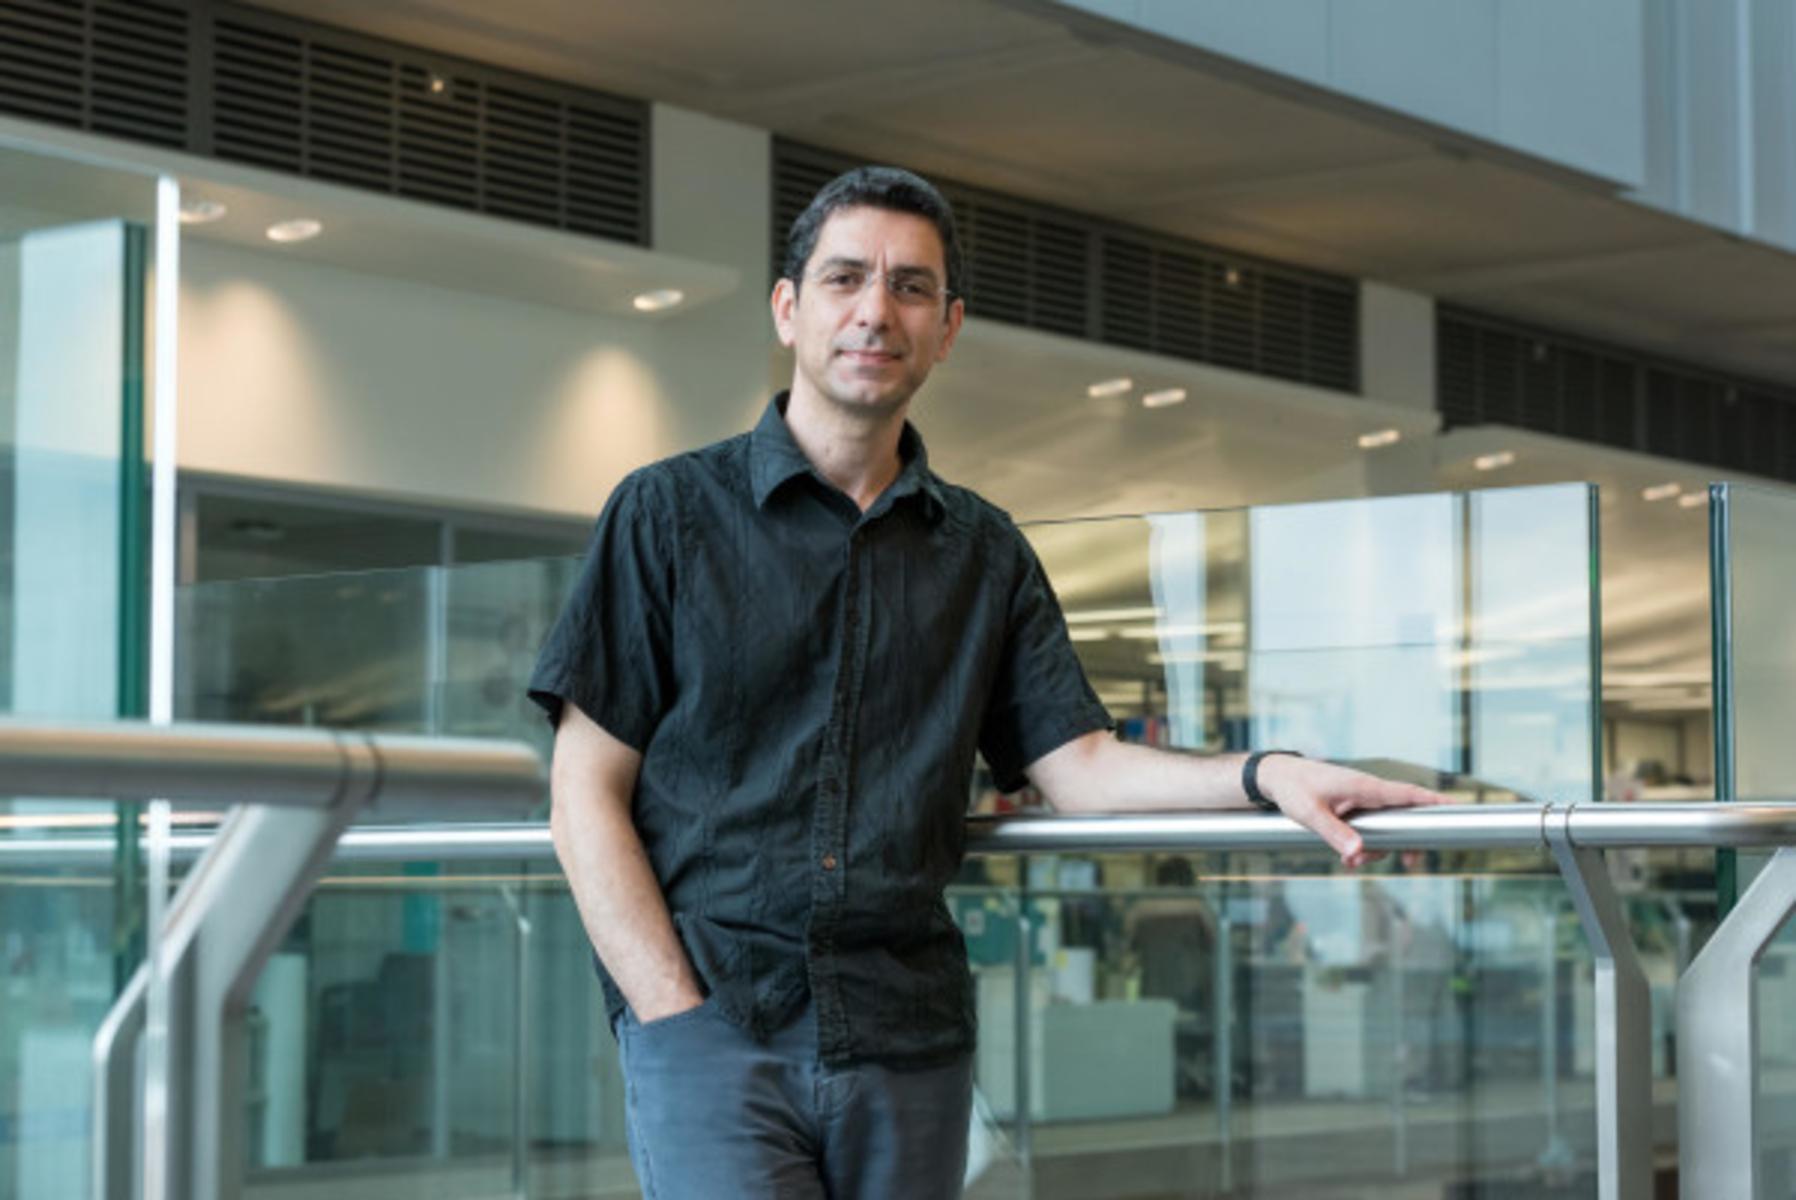 Κορωνοϊός- Γ. Κασσιώτης: Πρωτοστατεί σε έρευνα για την ανοσία έναντι του νέου ιού